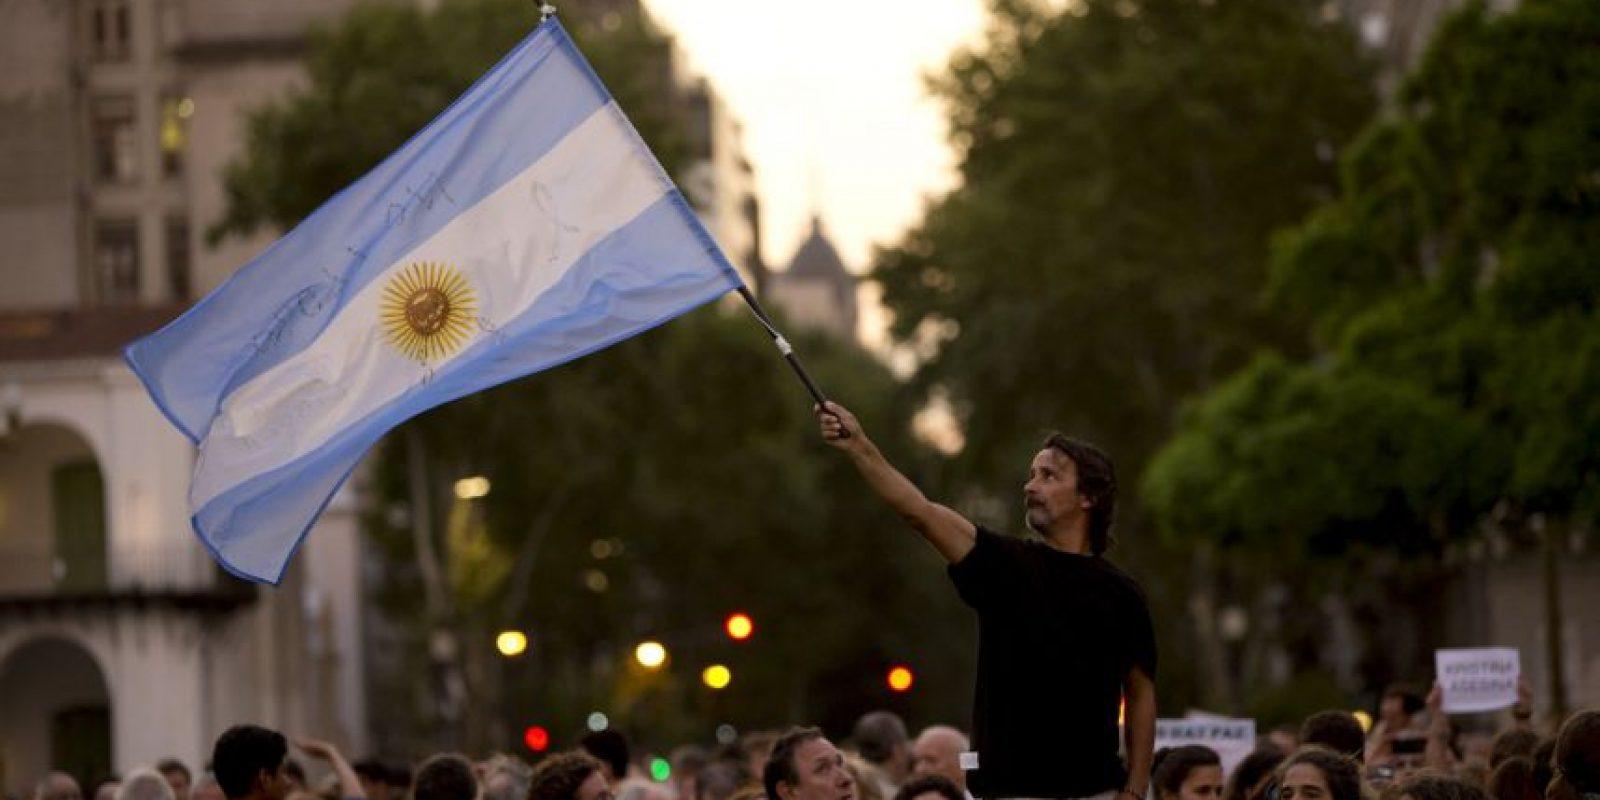 """13. """"Hoy como están las cosas, así apareciera un video de Nisman matándose, la gente creería que el video está armado. Todos están completamente convencidos de que lo mataron"""", dijo Lanata Foto:AP"""